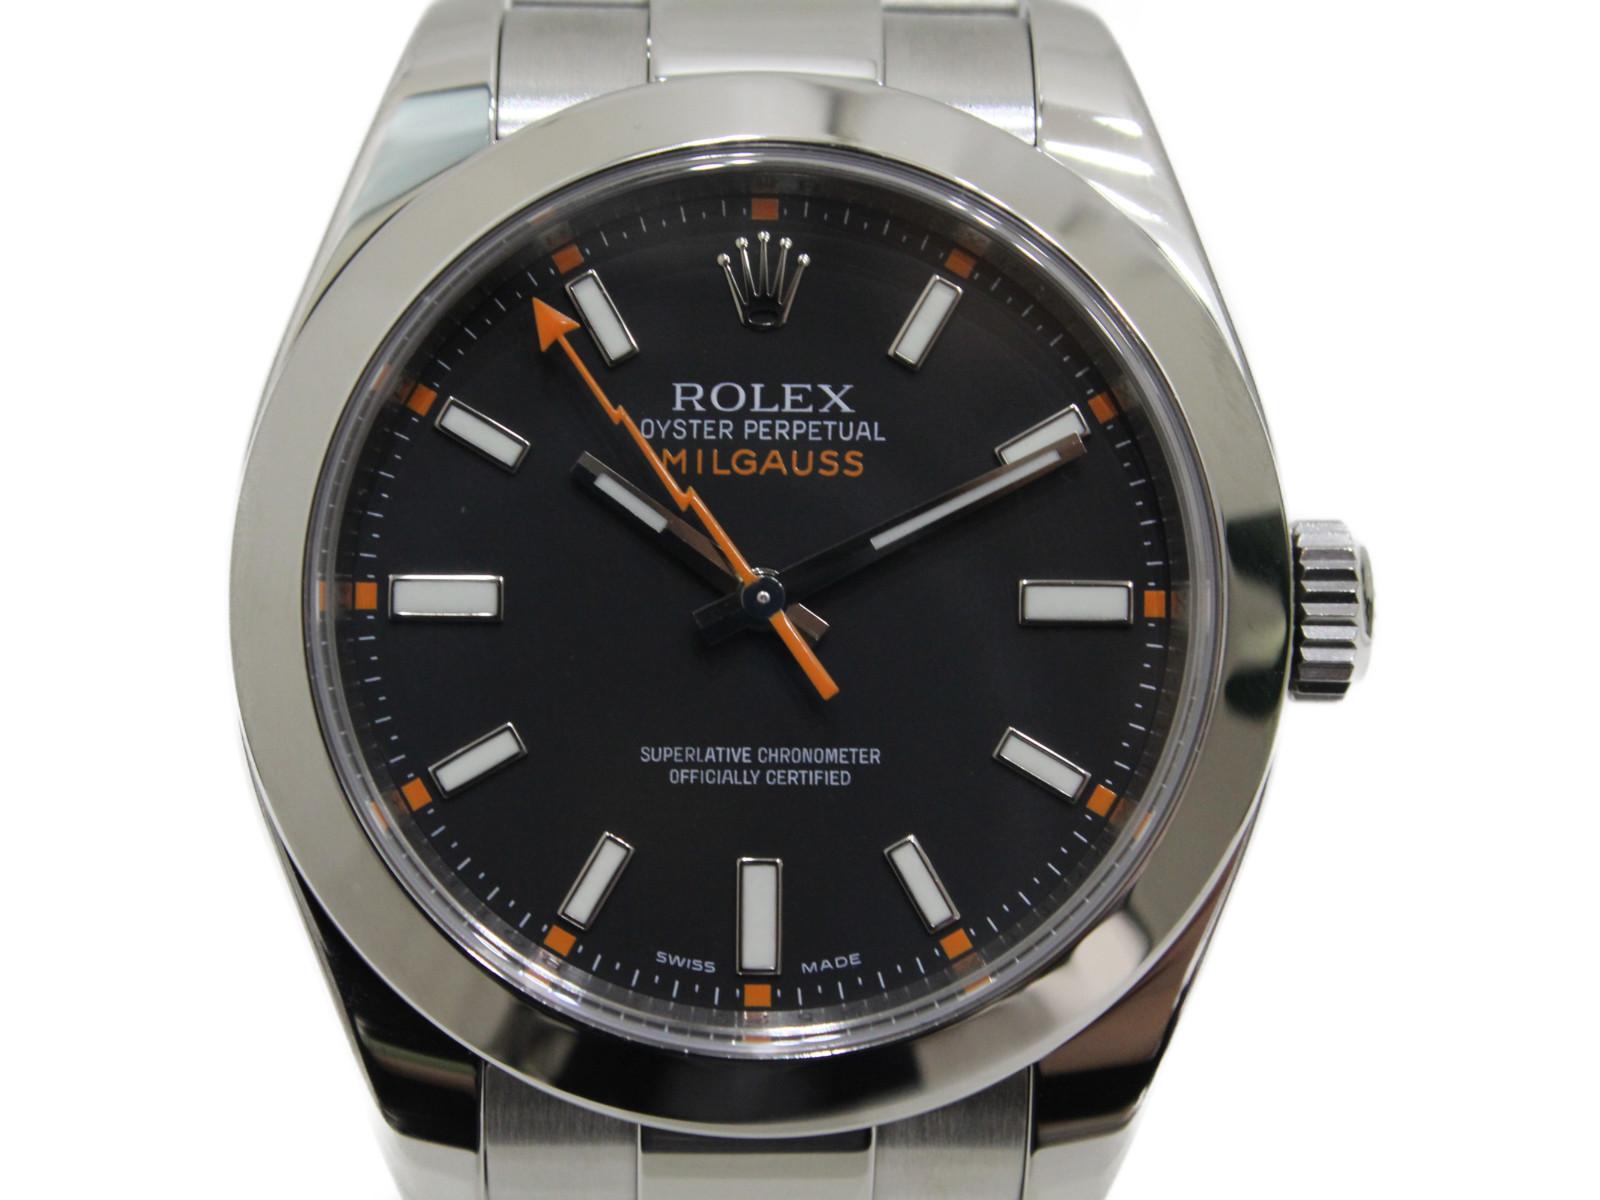 【OH済み】ROLEX ロレックス ミルガウス 116400 M番 2008年ギャラ SS ステンレススチール ブラック  メンズ 腕時計【中古】